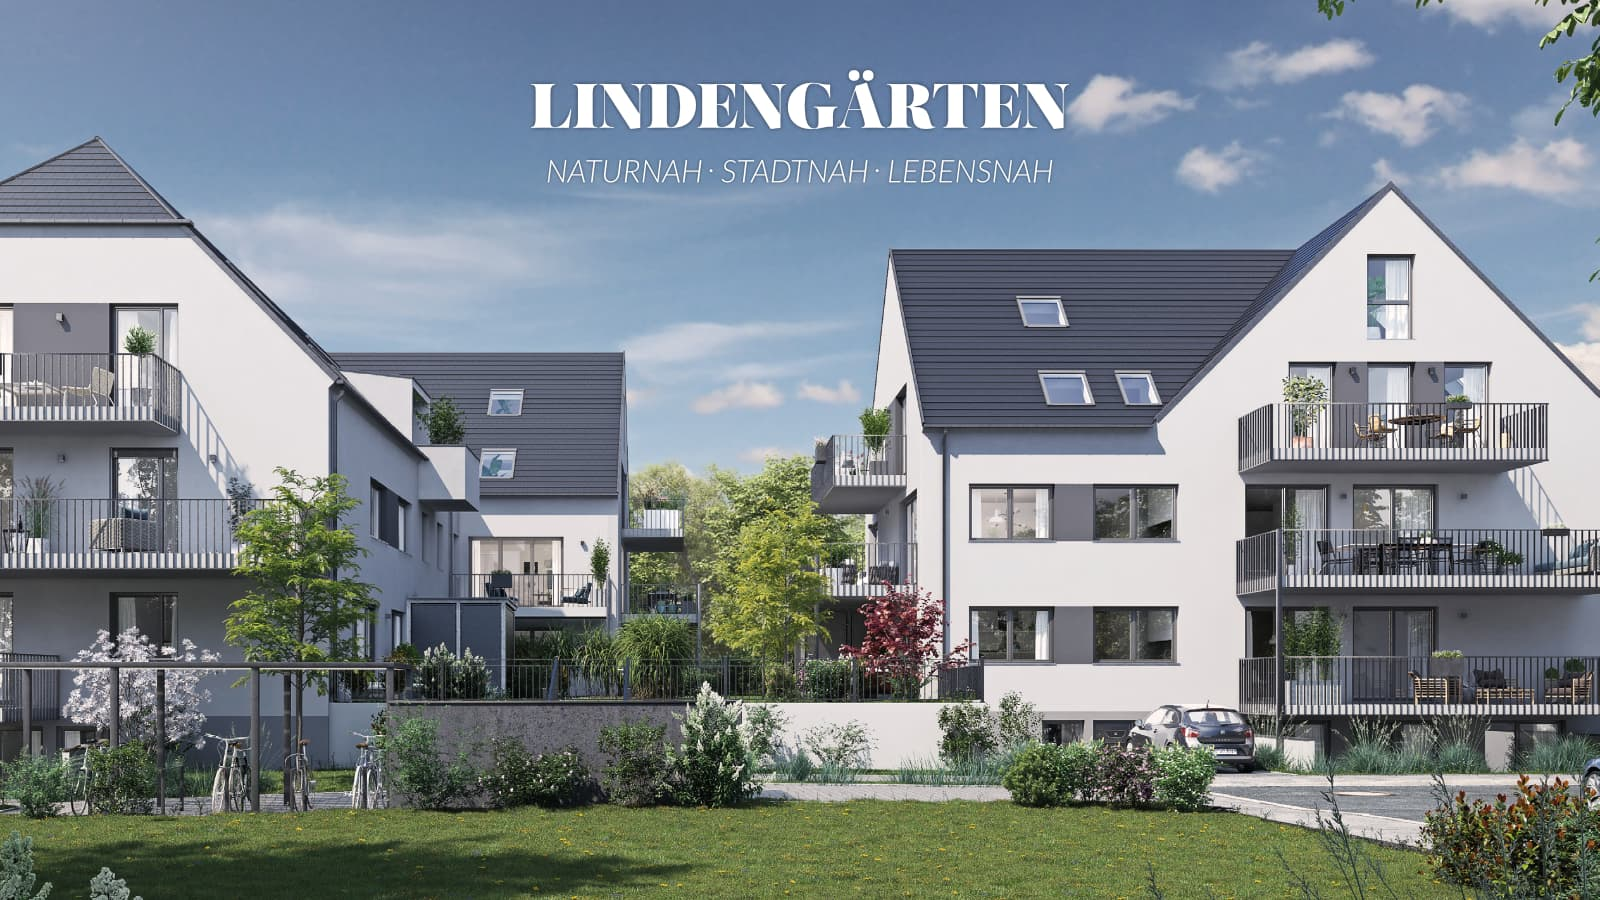 Lindengärten